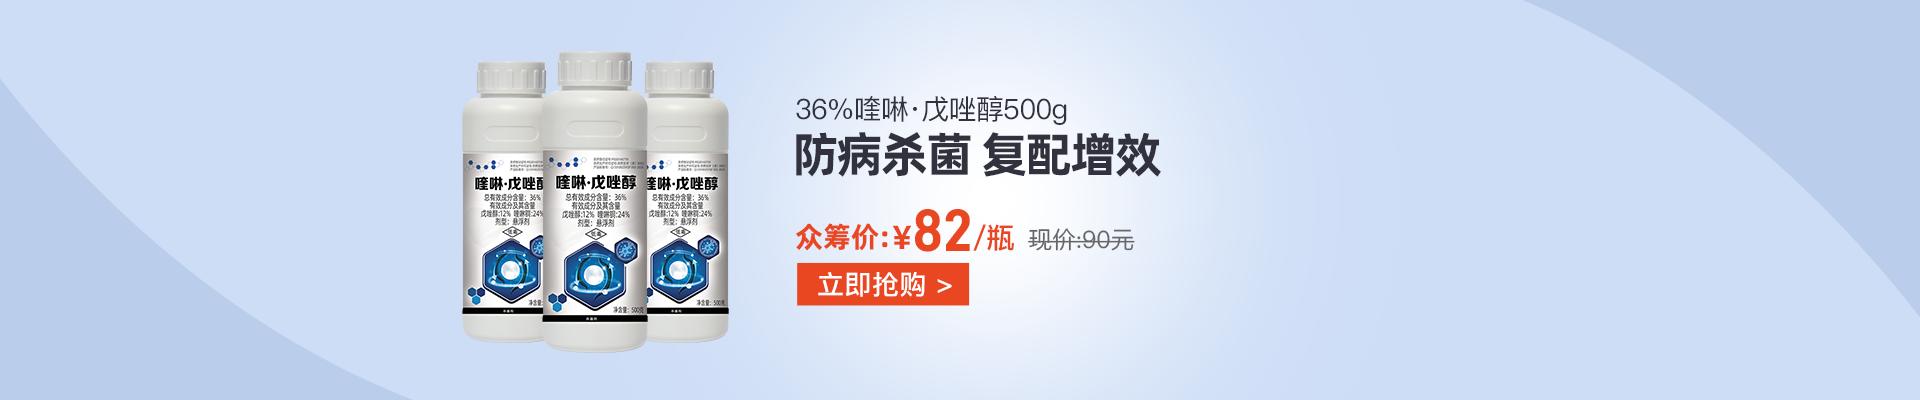 【5月】众筹-【丰创严选】36%喹啉·戊唑醇悬浮剂500g500g*5瓶